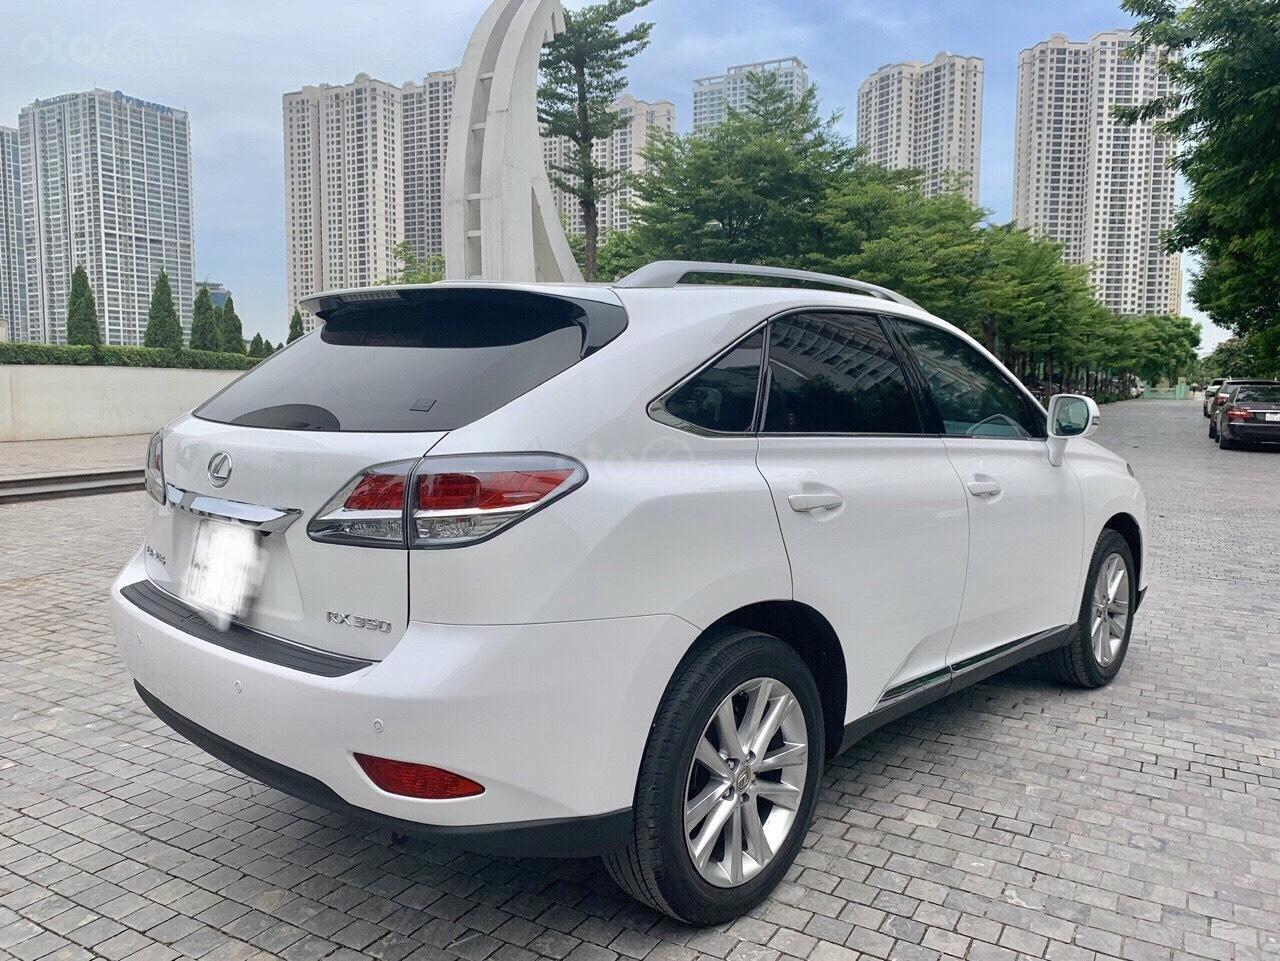 Cần bán xe Lexus RX 350 năm sản xuất 2014, màu trắng, nhập khẩu nguyên chiếc (3)